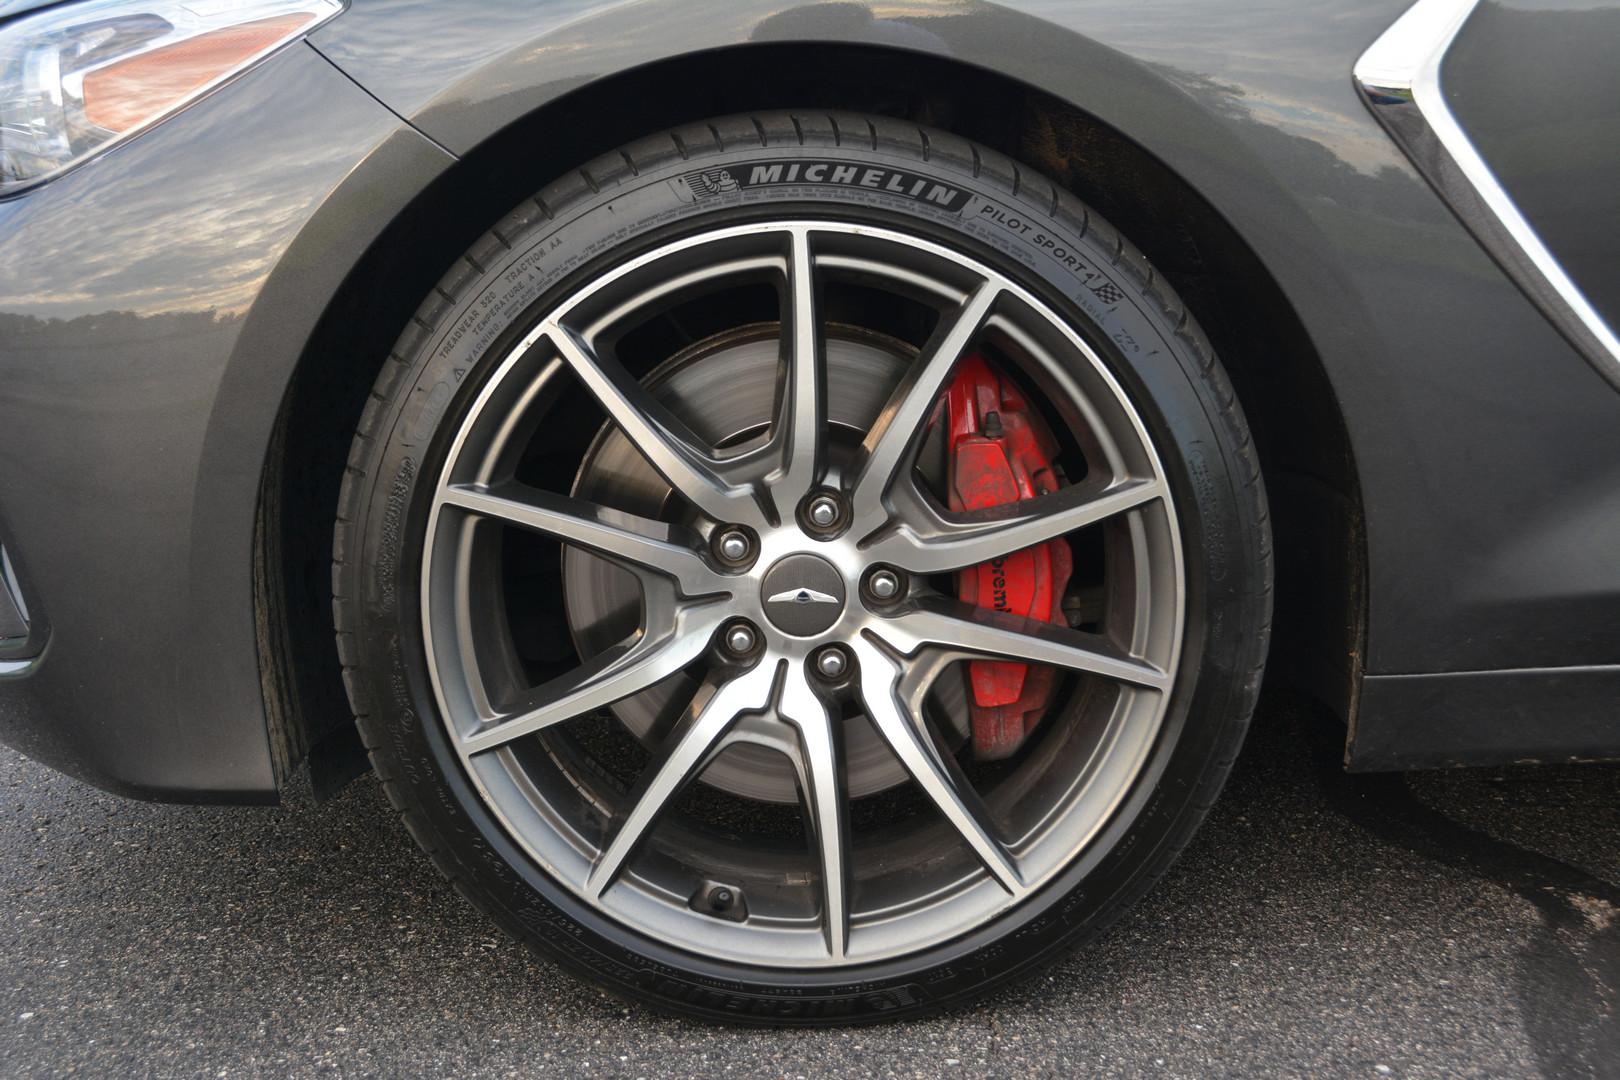 2019 Genesis G70 Wheels